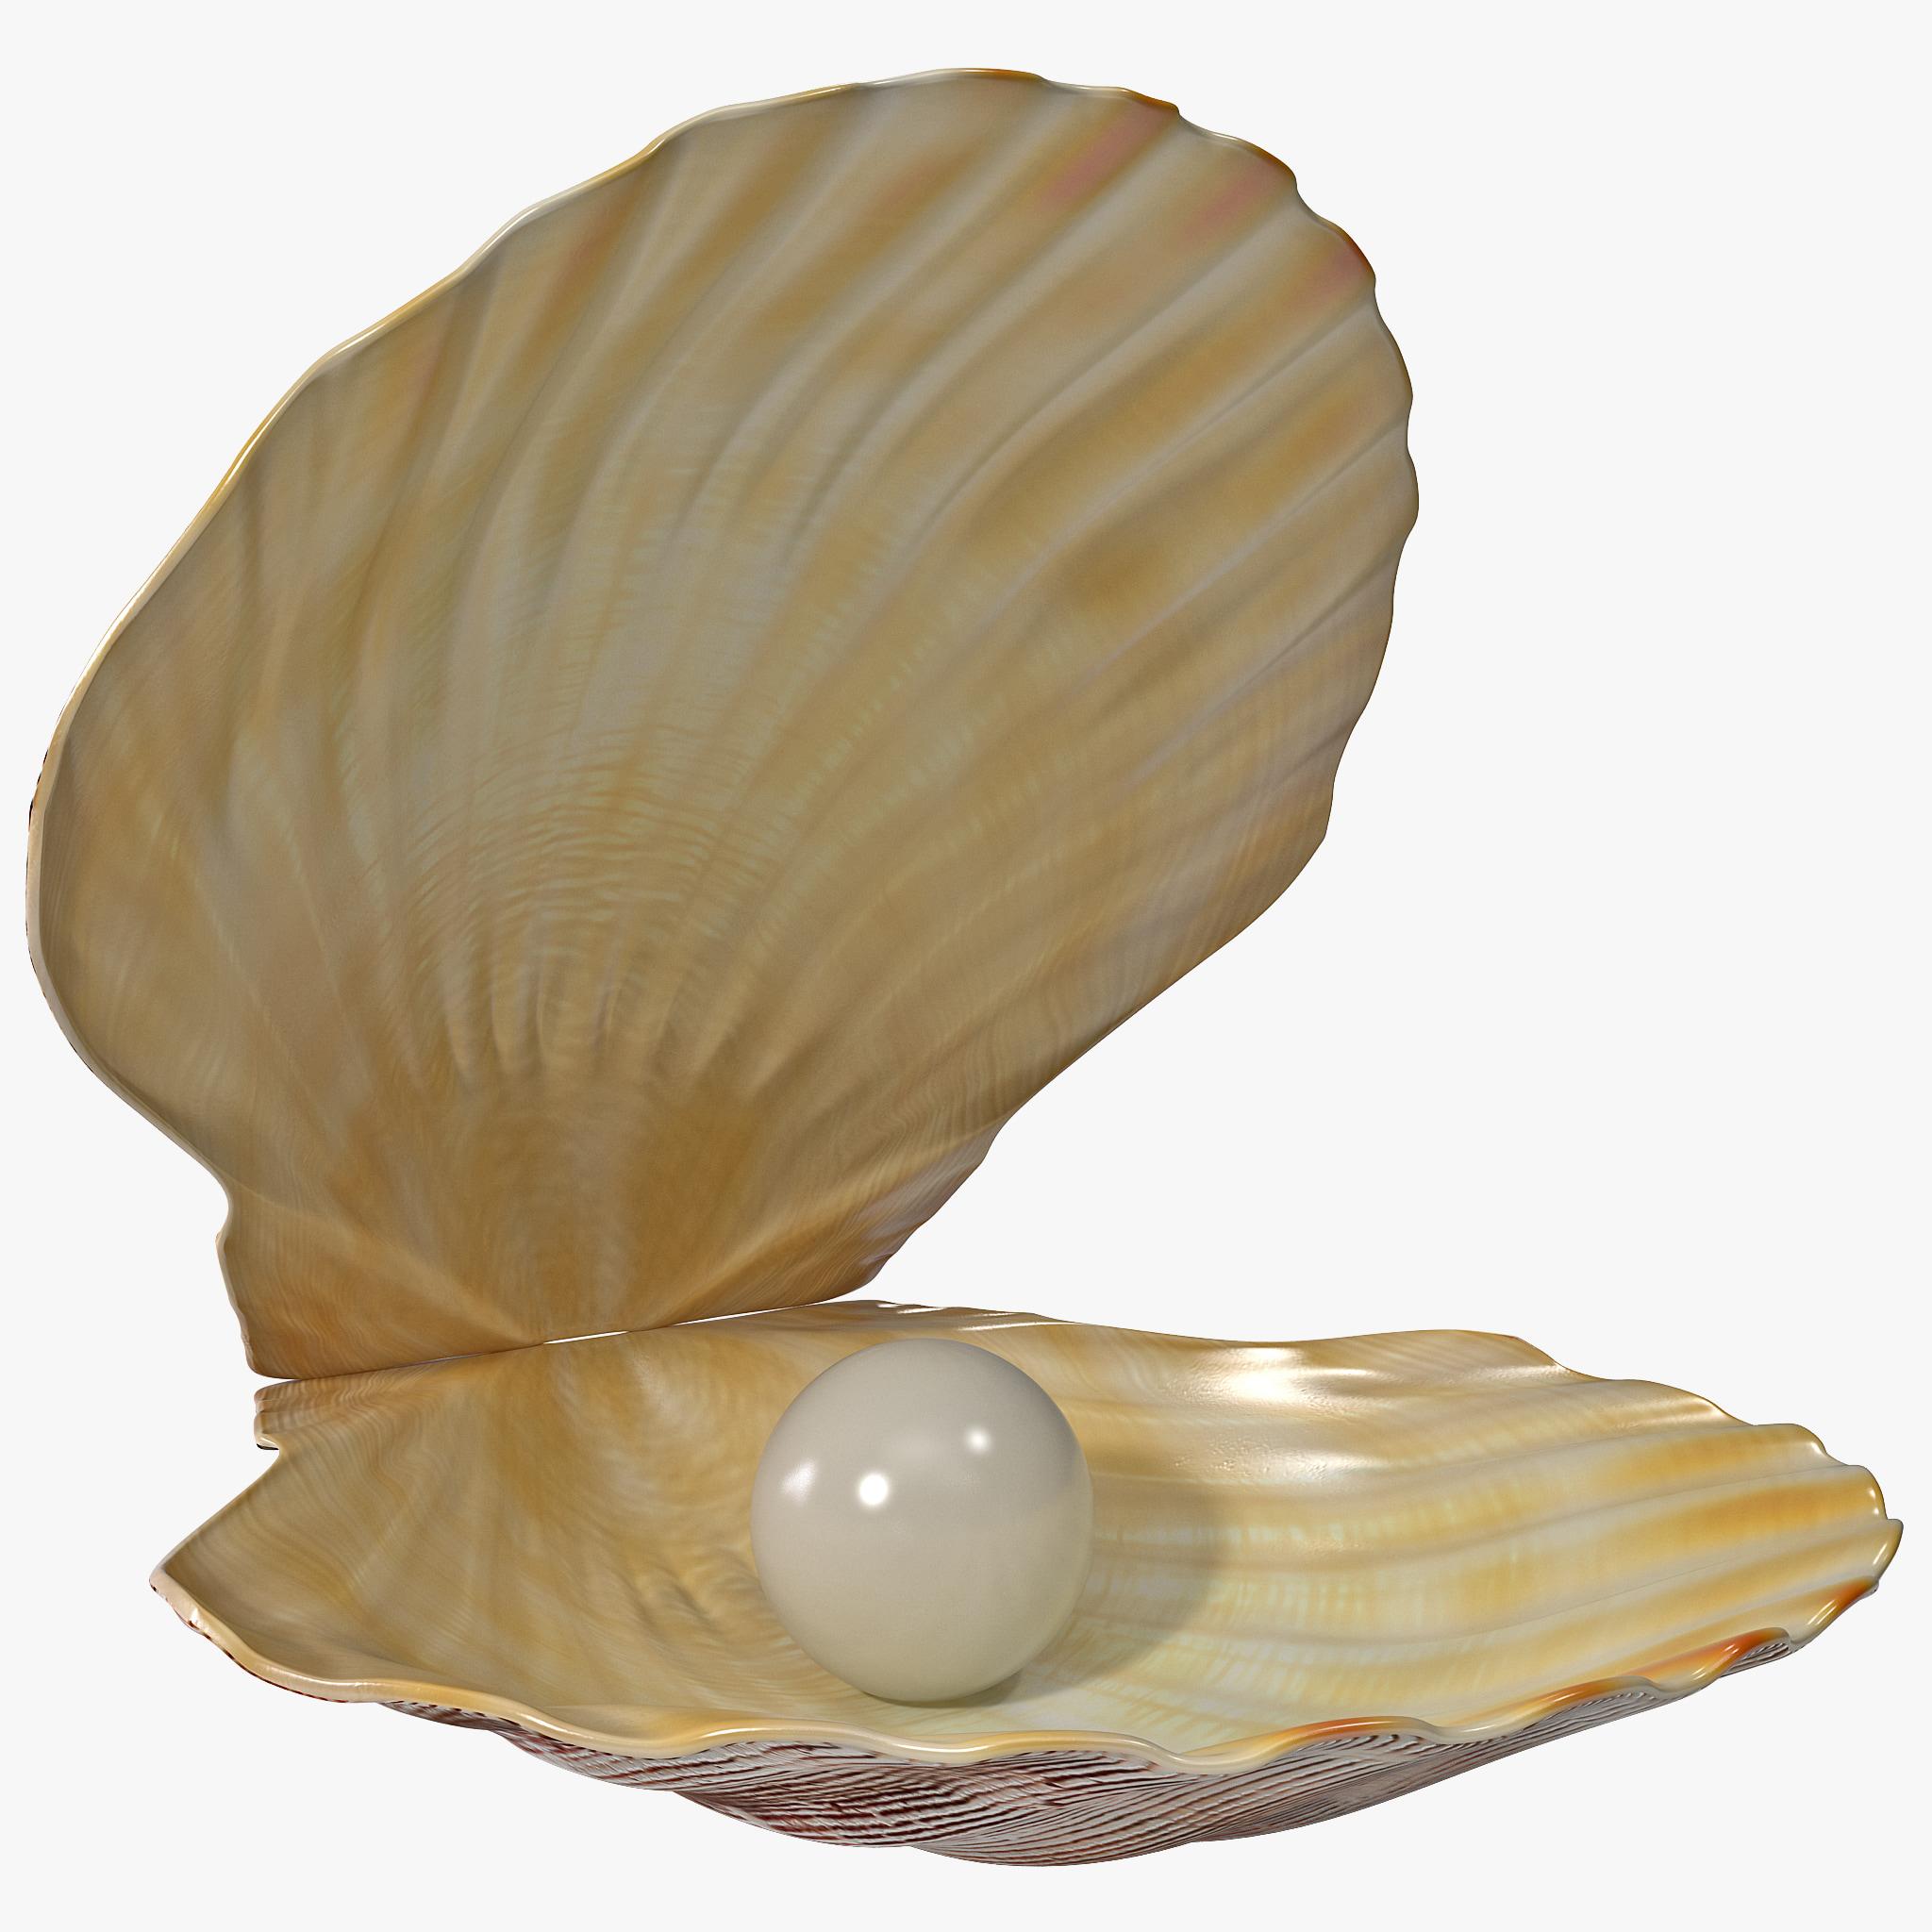 Pearl in Shell_1.jpg